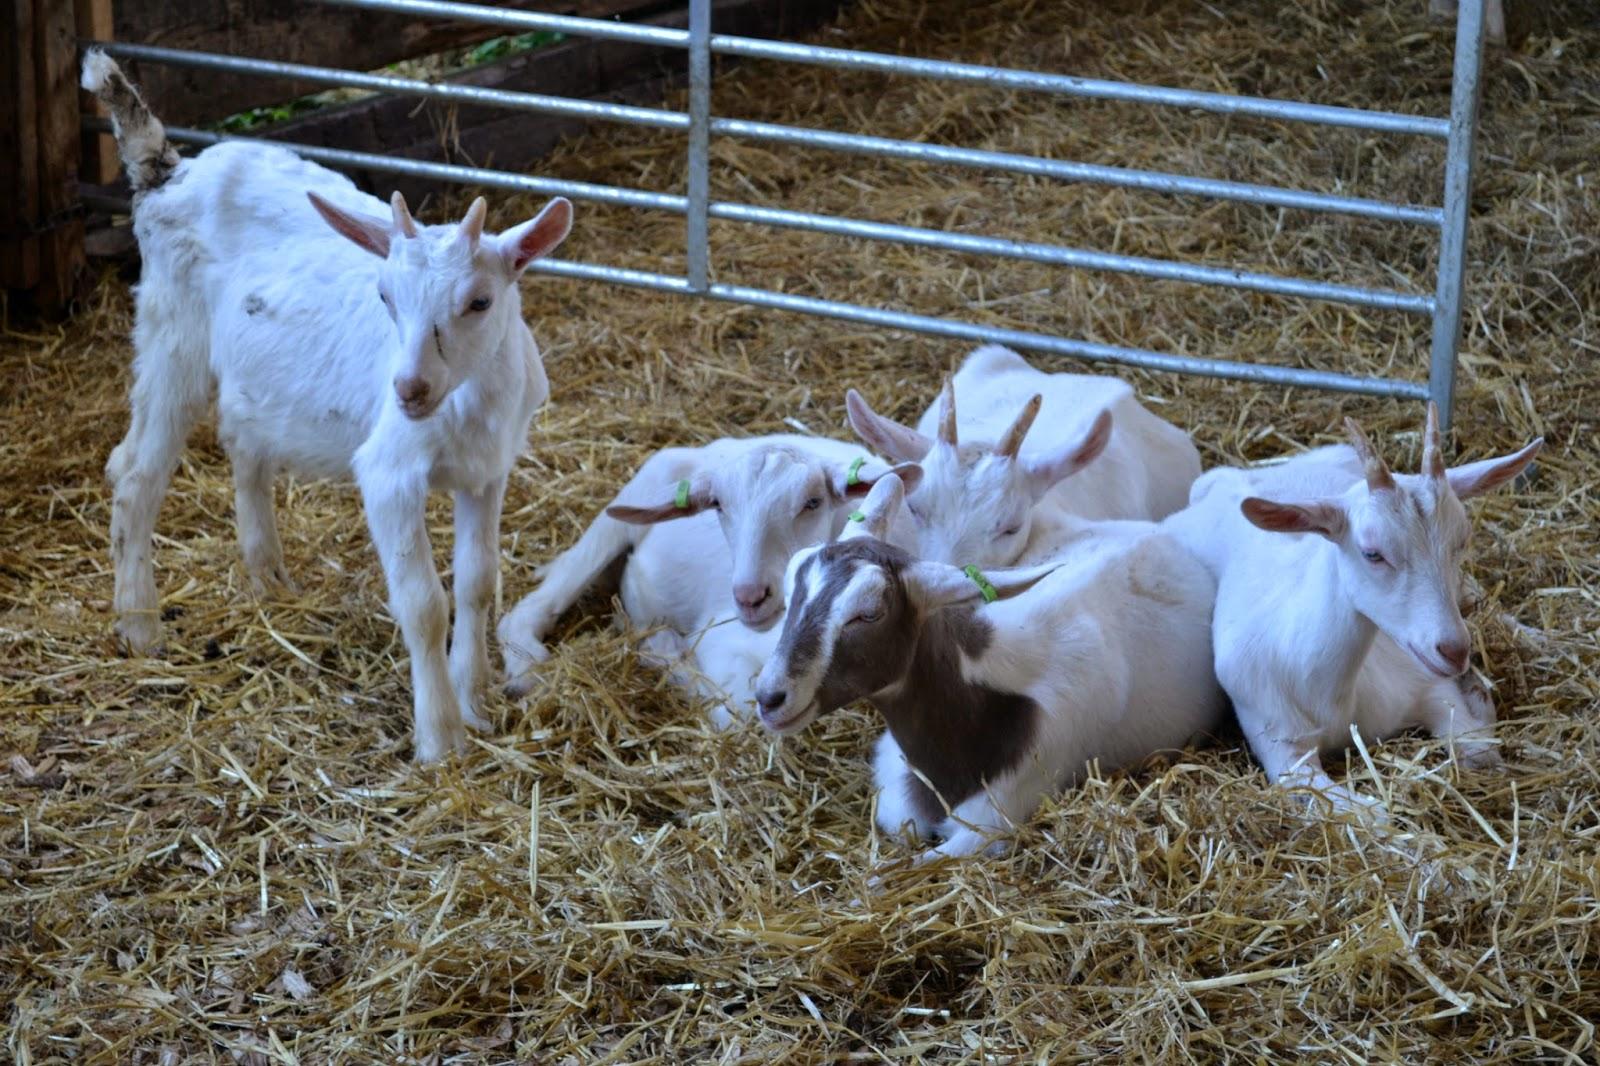 Goats at Longdown Activity Farm